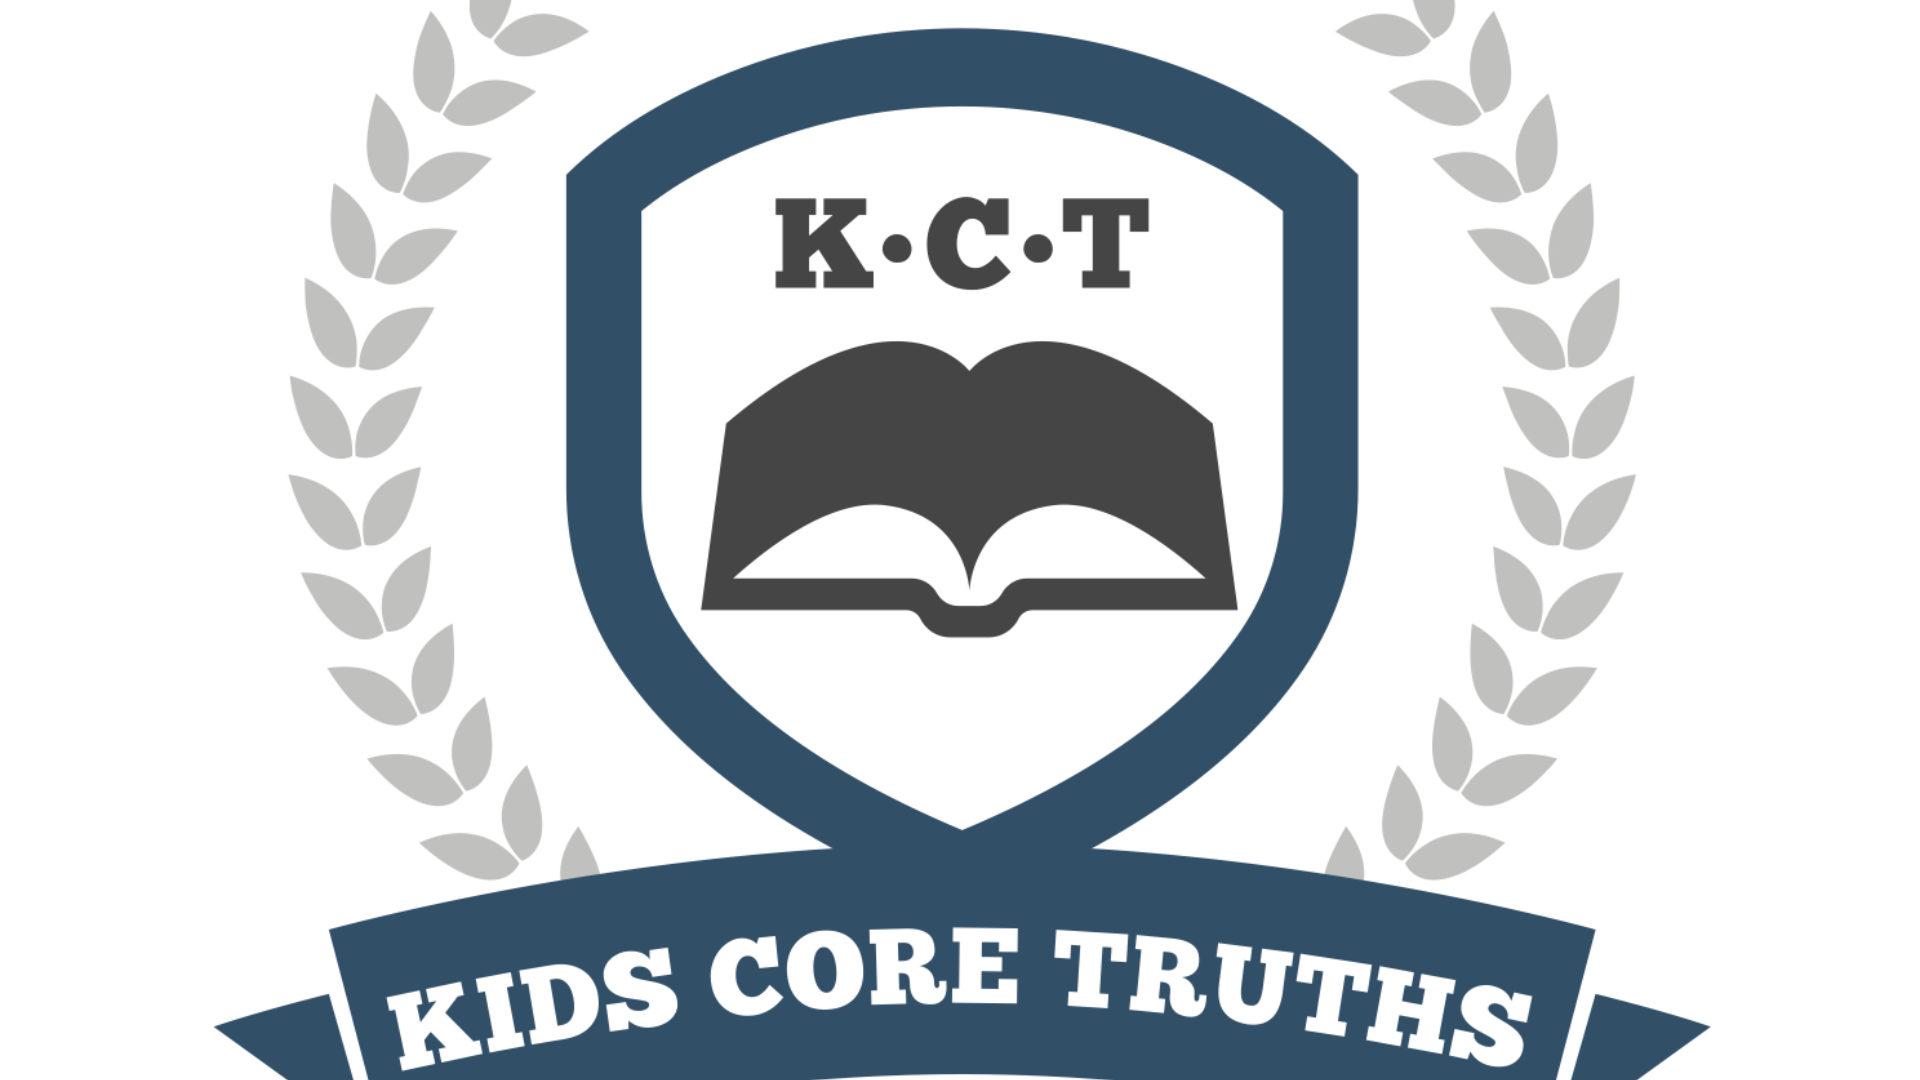 Watermark Kids Core Truths Hero Image